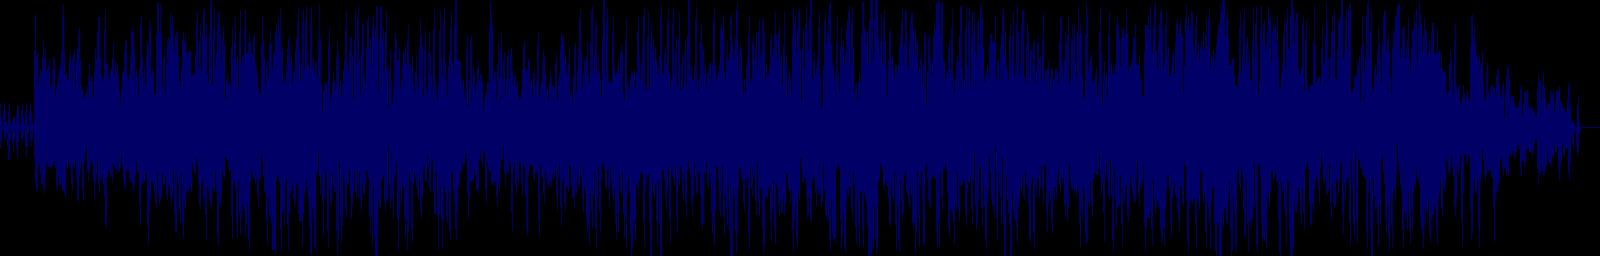 waveform of track #137679